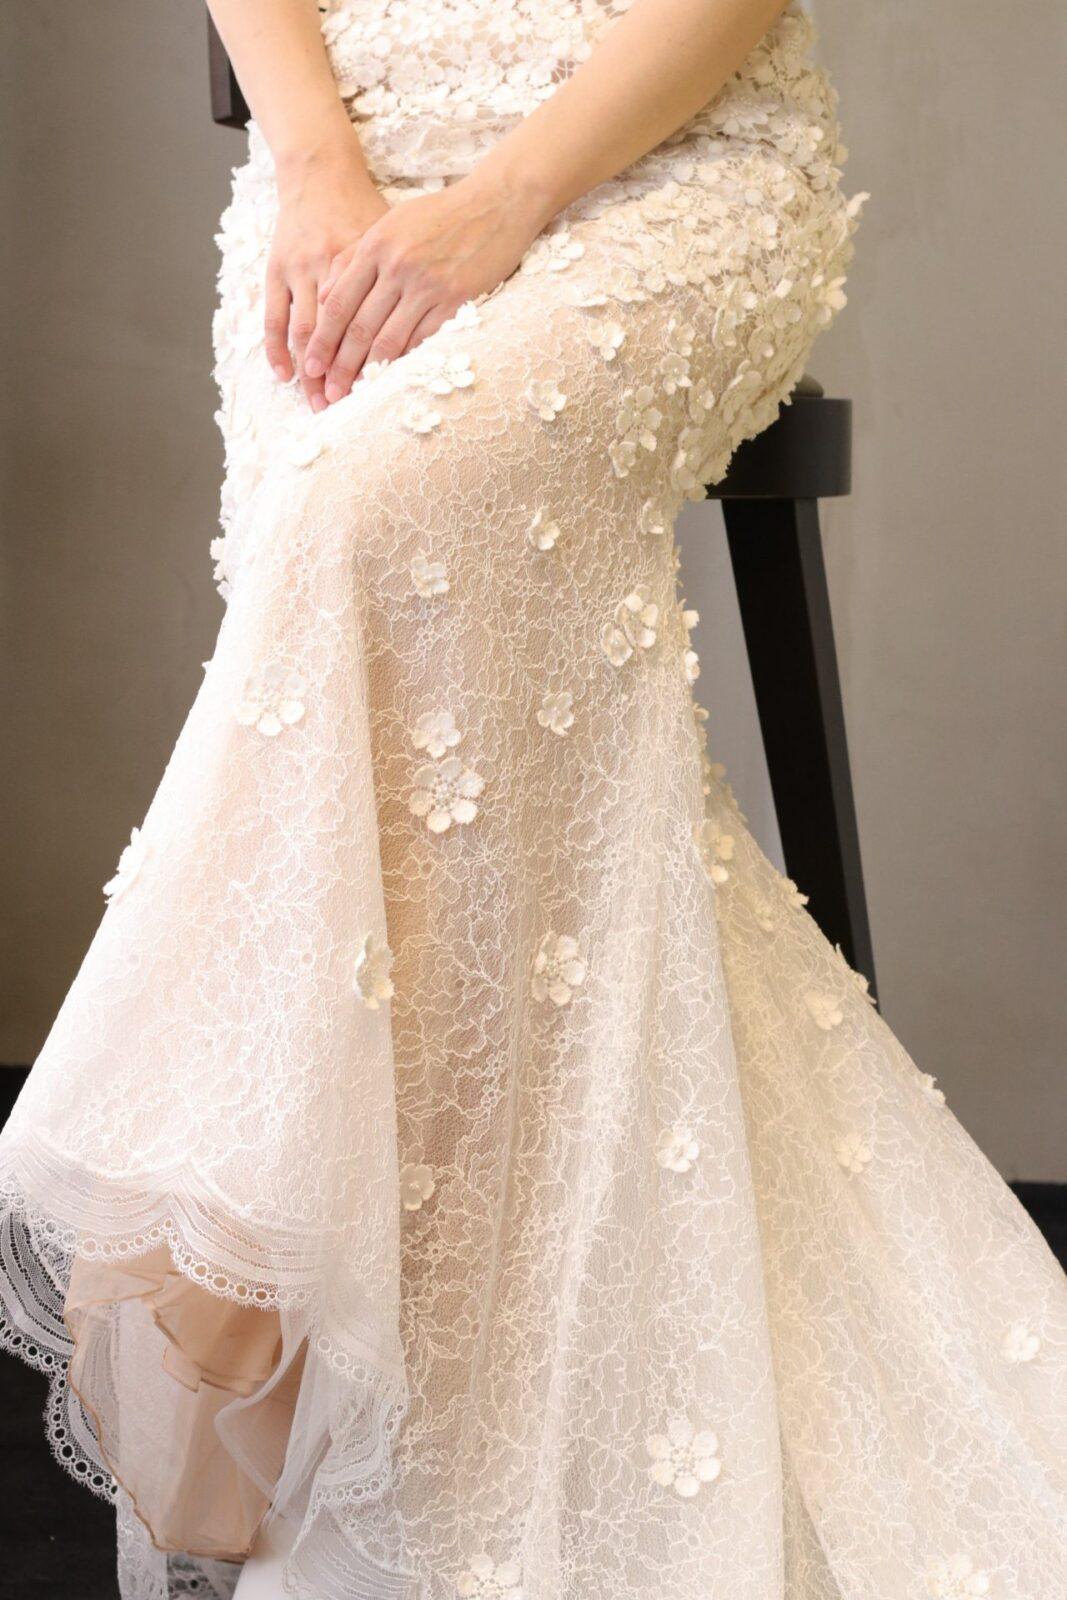 パレスホテル東京の花嫁様にも人気のマーメイドラインのウェディングドレスは、立っているときのシルエットはもちろん、座った際の美しく広がる裾元も魅力的な為、ソファ席でのご披露宴もおすすめです